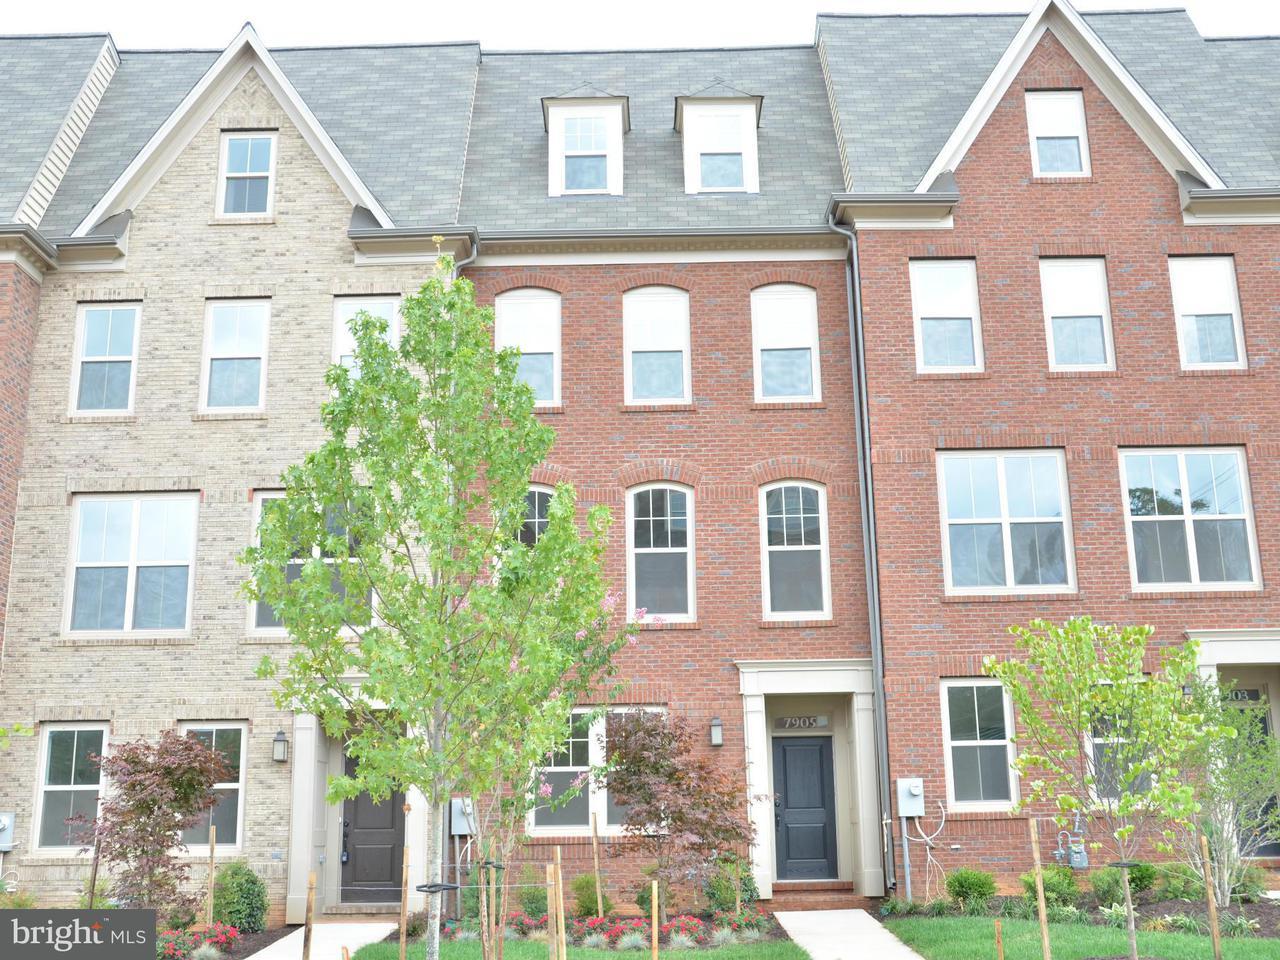 Σπίτι στην πόλη για την Πώληση στο 7905 YELLOWSTONE WAY 7905 YELLOWSTONE WAY Derwood, Μεριλαντ 20855 Ηνωμενεσ Πολιτειεσ